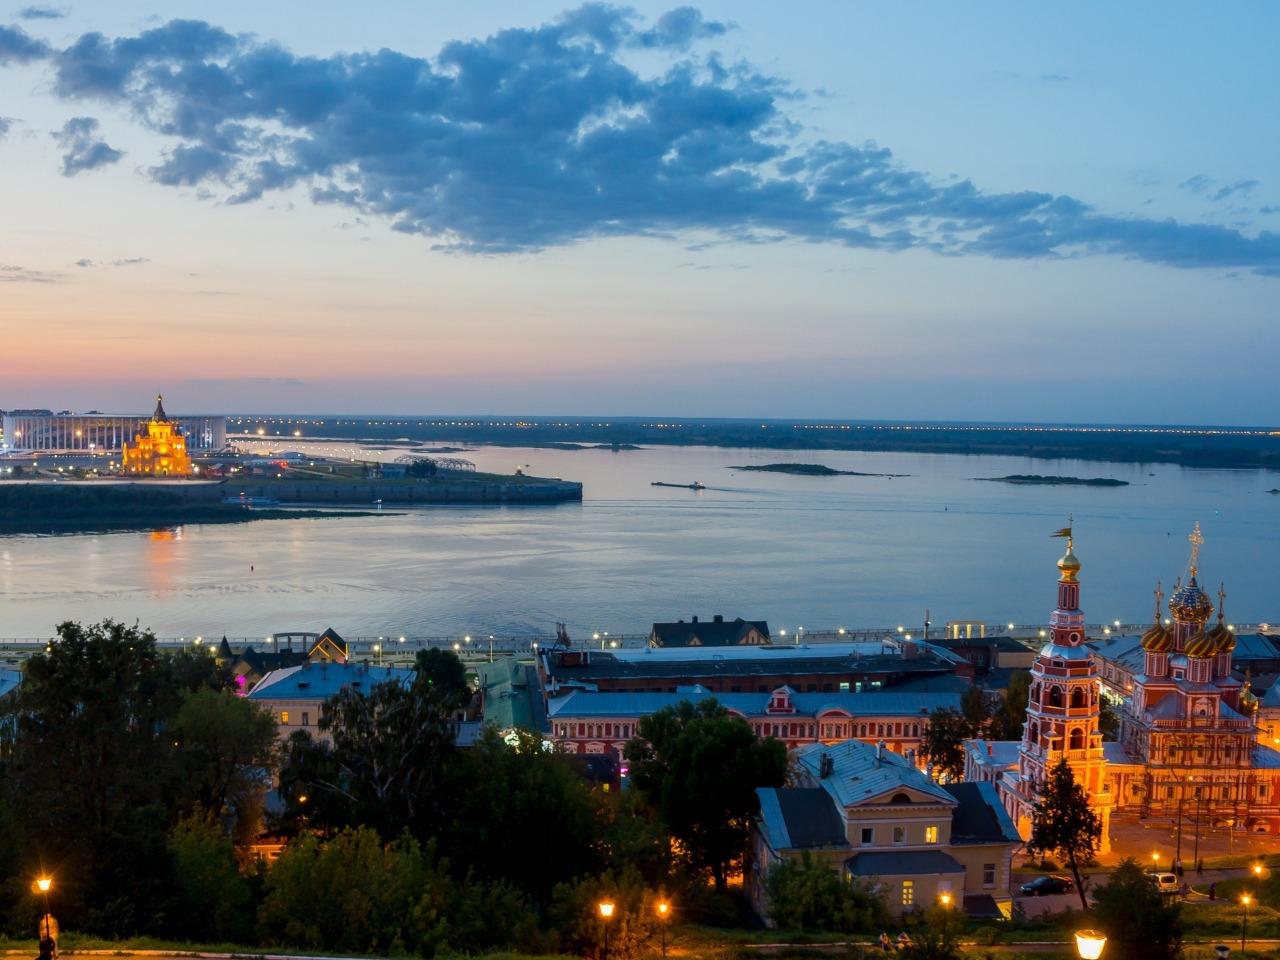 Город над Окой и Волгой - групповая экскурсия по Нижнему Новгороду от опытного гида